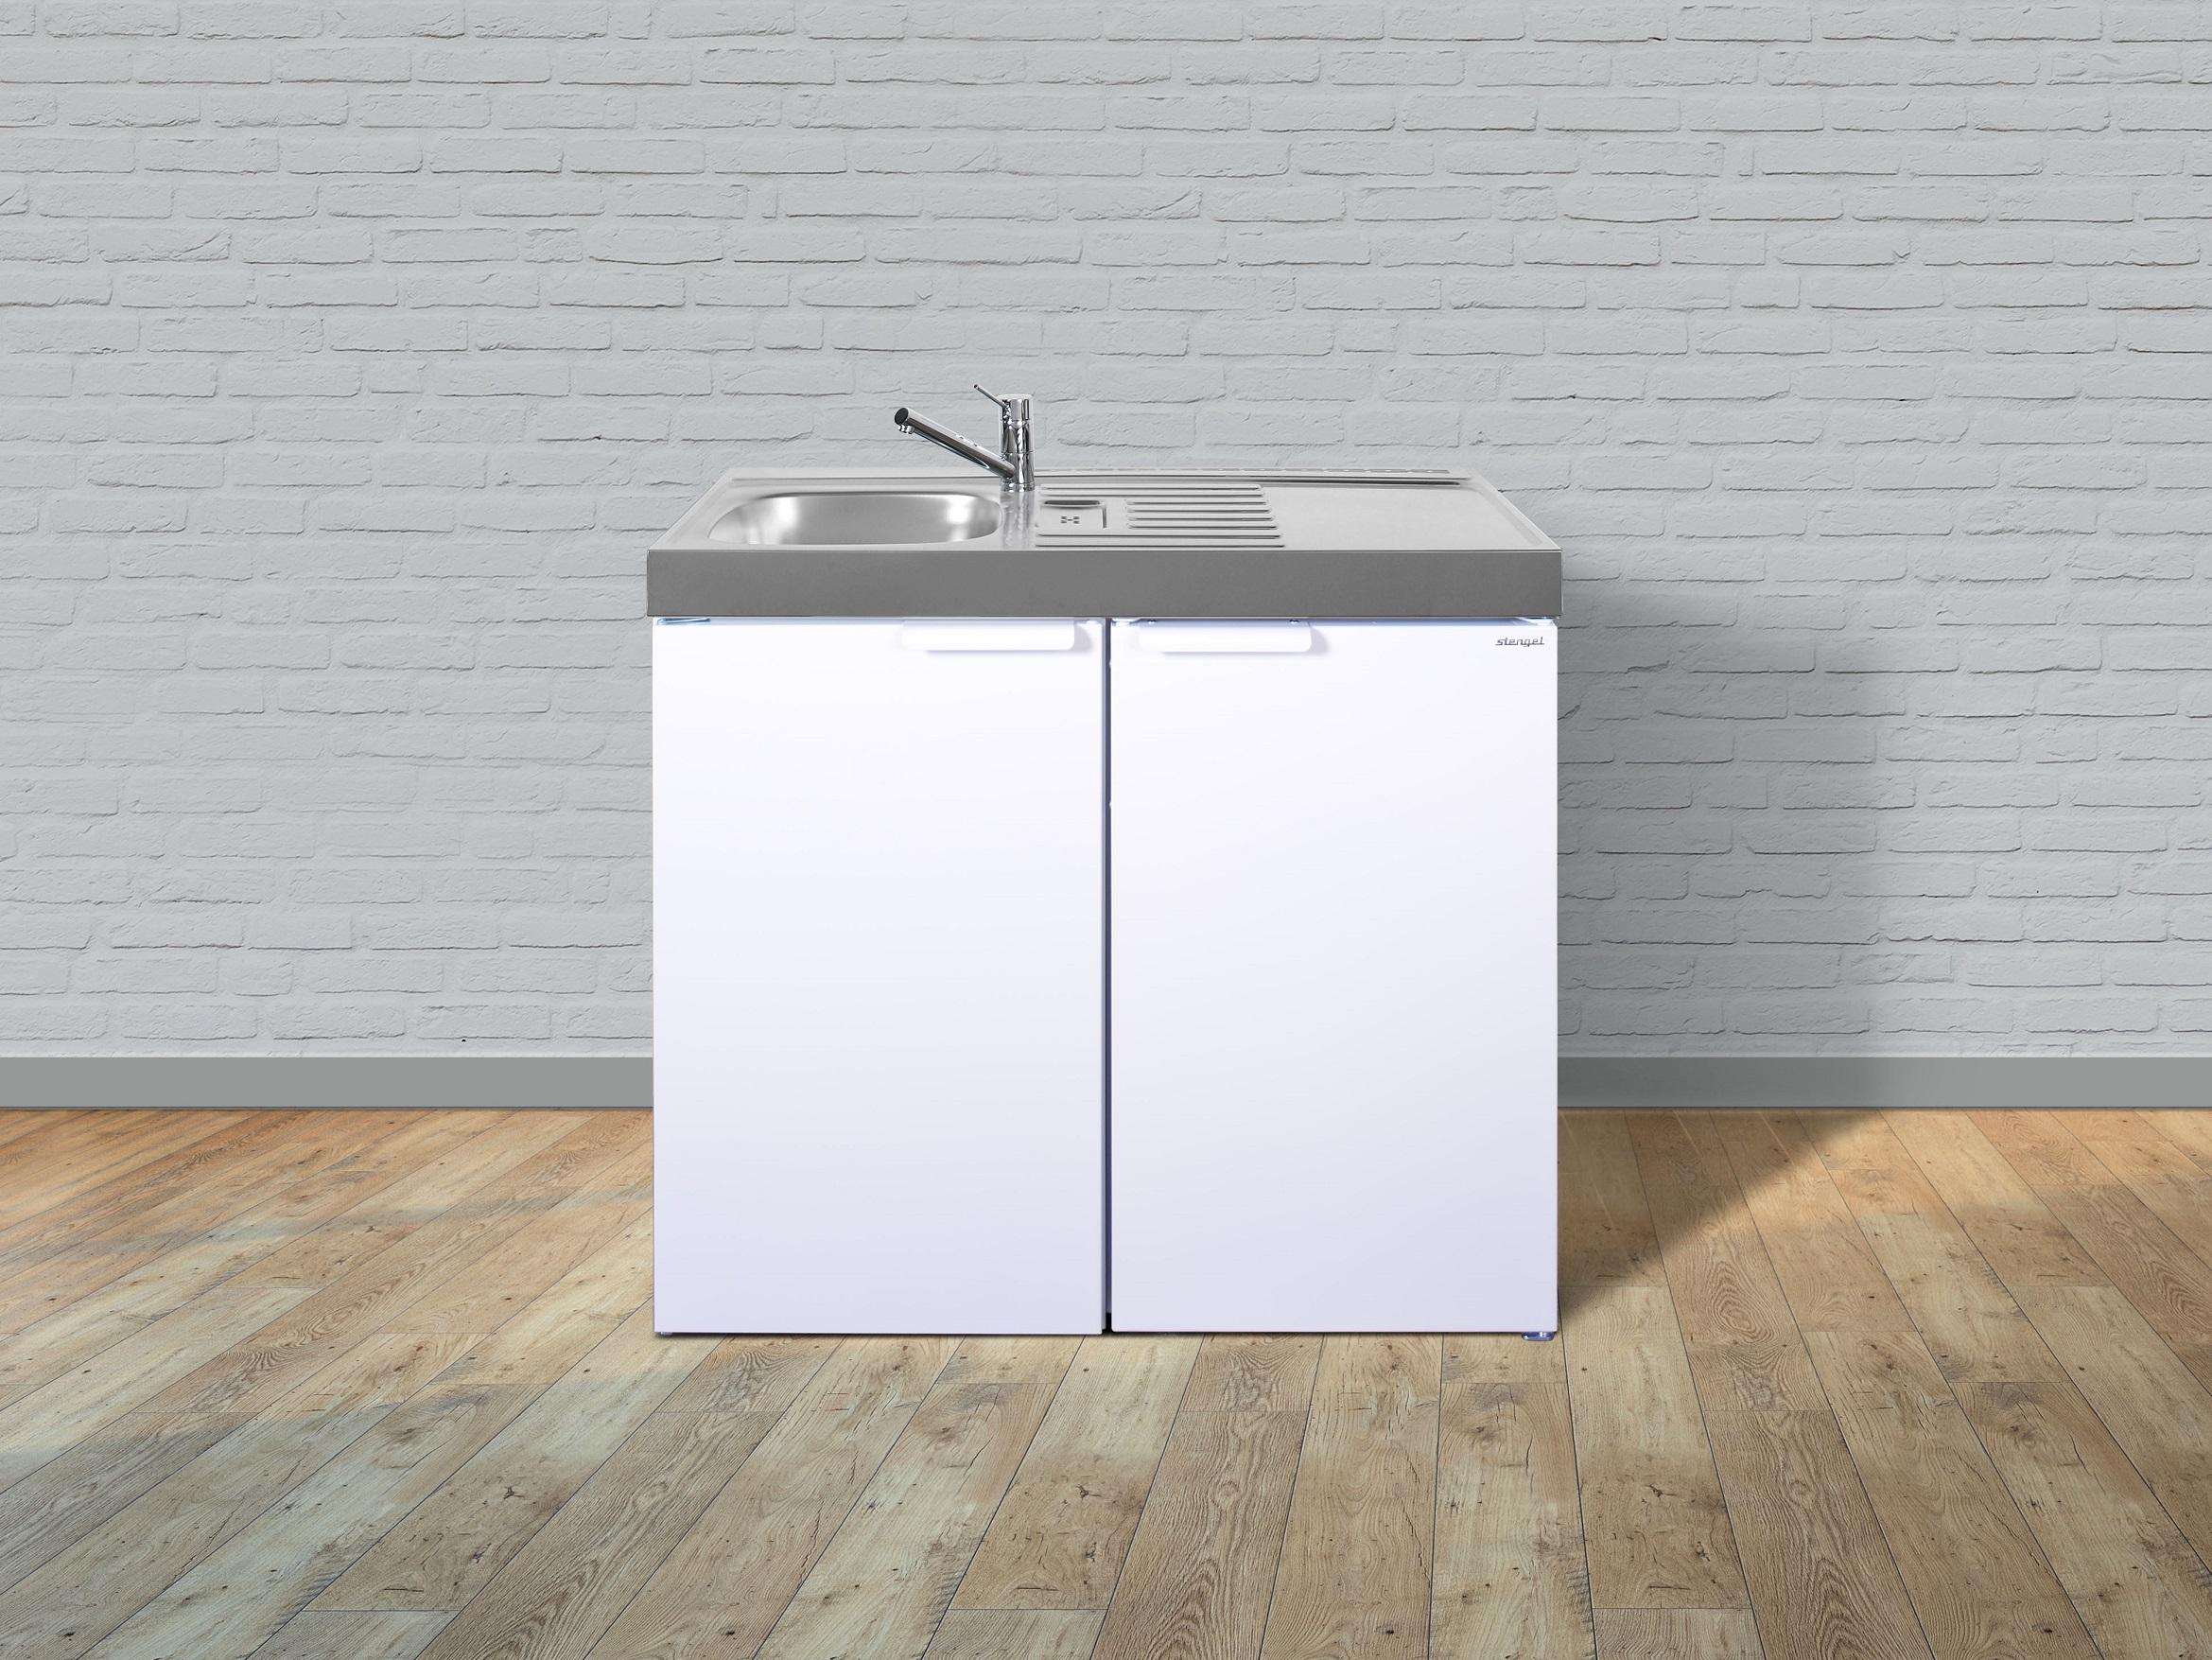 Küche Miniküche Küchenzeile Küchenblock Metall Singleküche Stengel 100 cm Sand